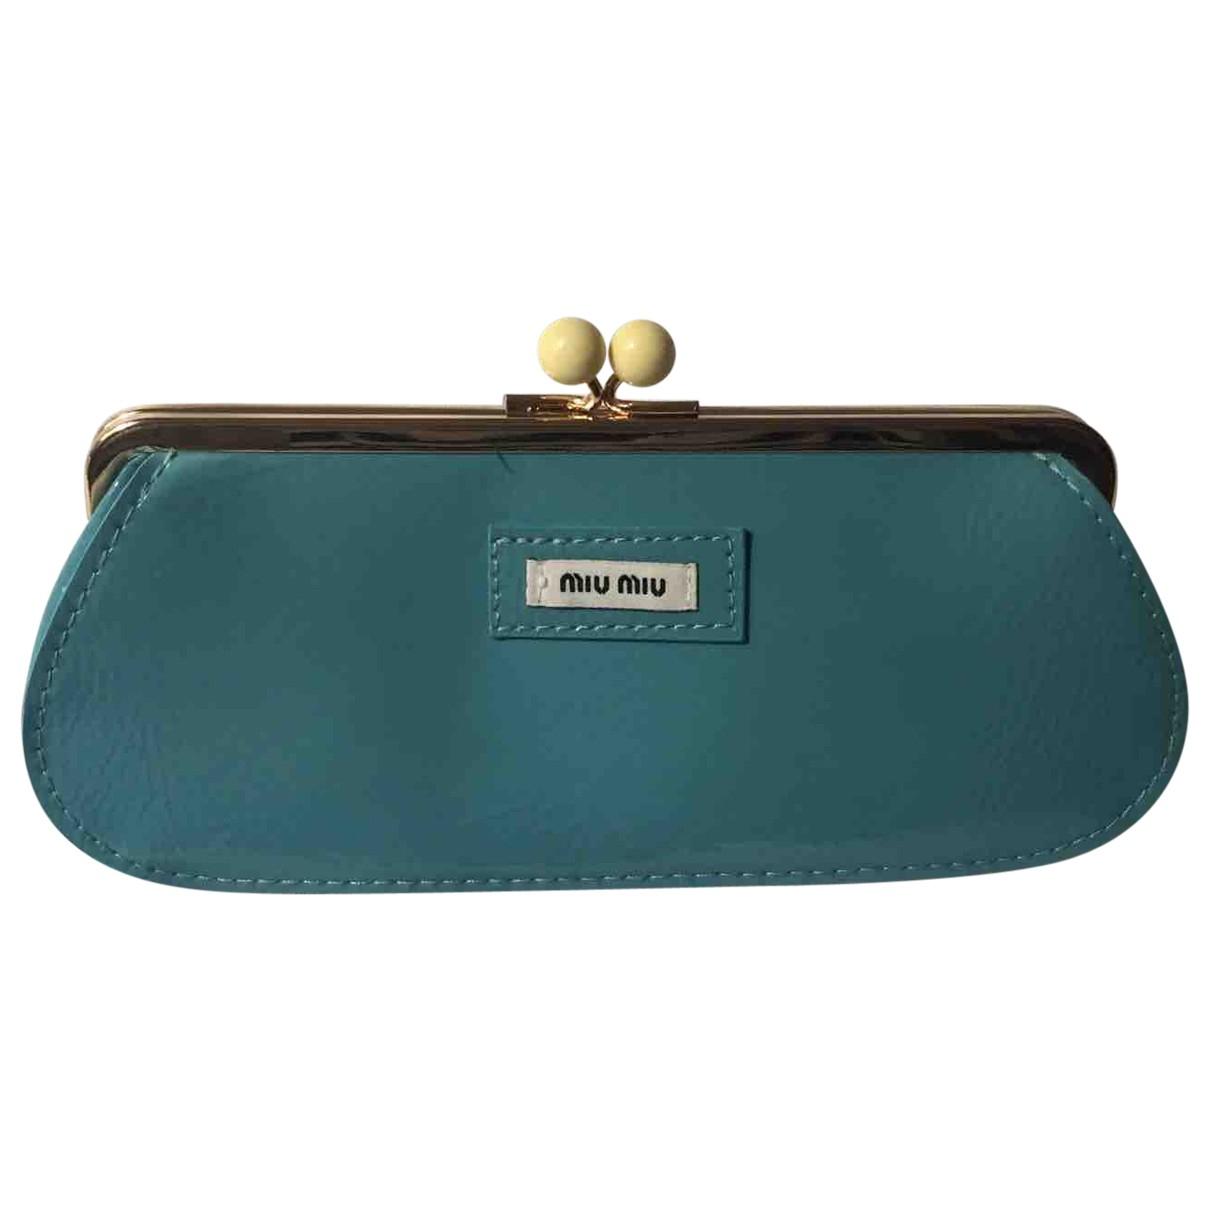 Miu Miu \N Blue Patent leather Clutch bag for Women \N